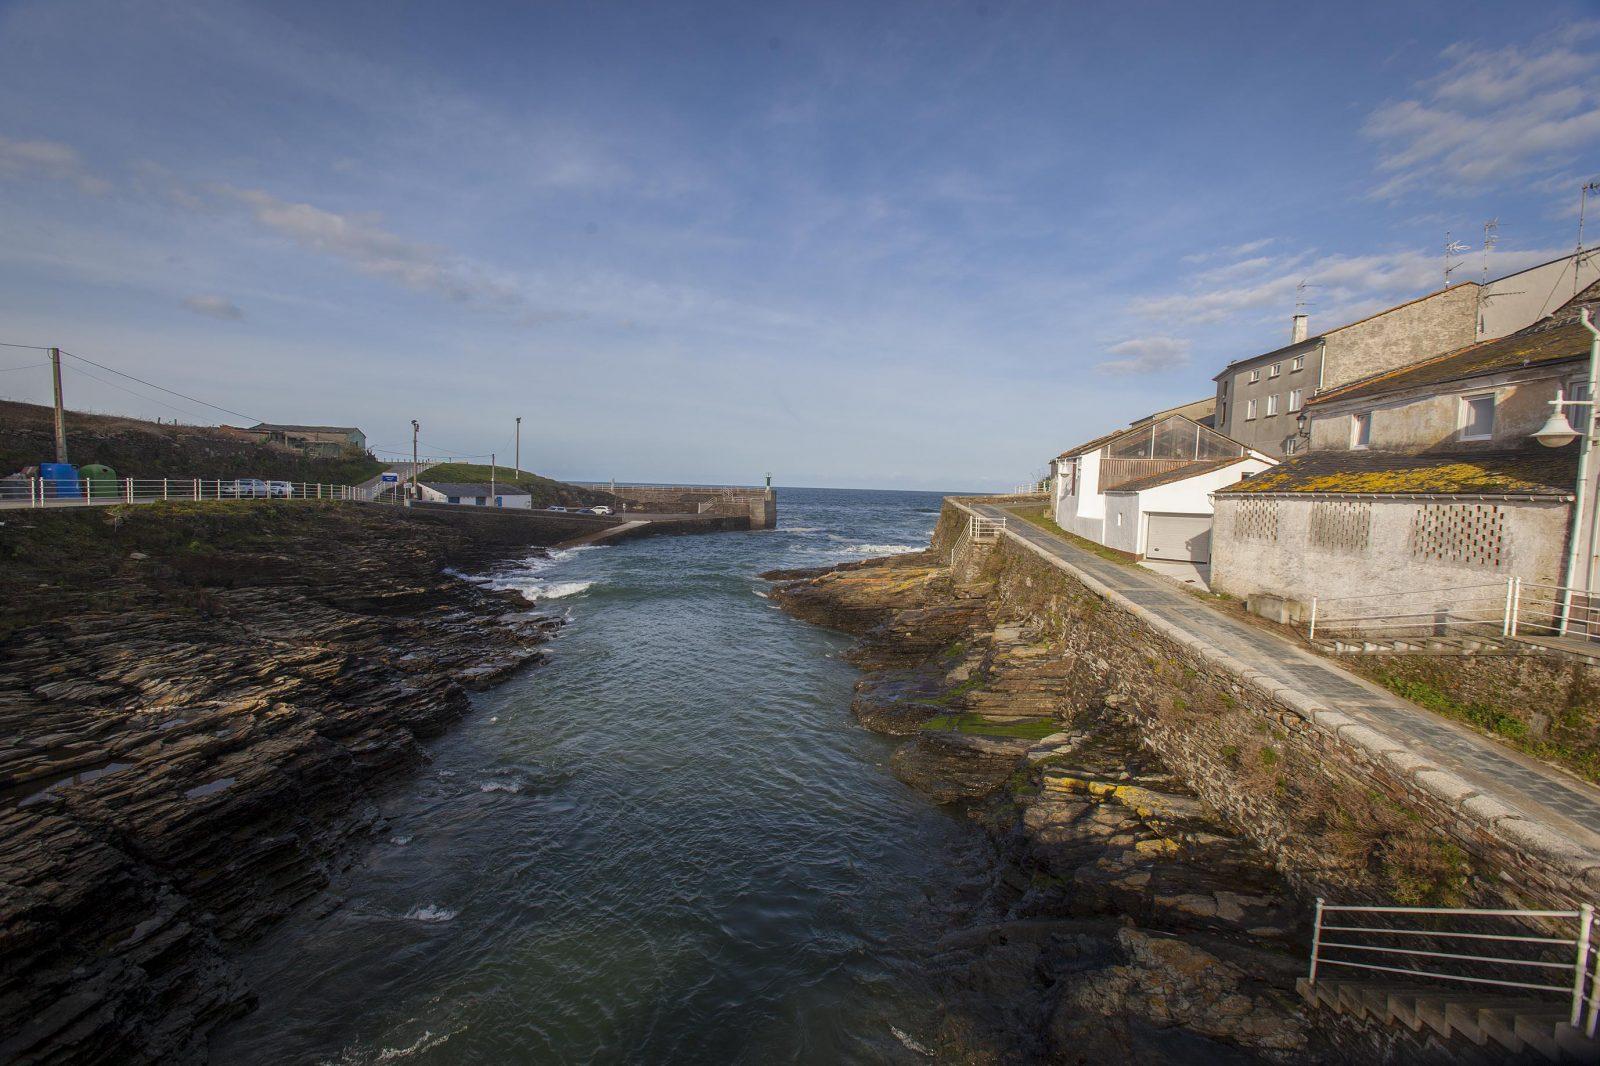 Rinlo, cuentan los ancianos que los acuerdos del pueblo se realizaban frente al mar